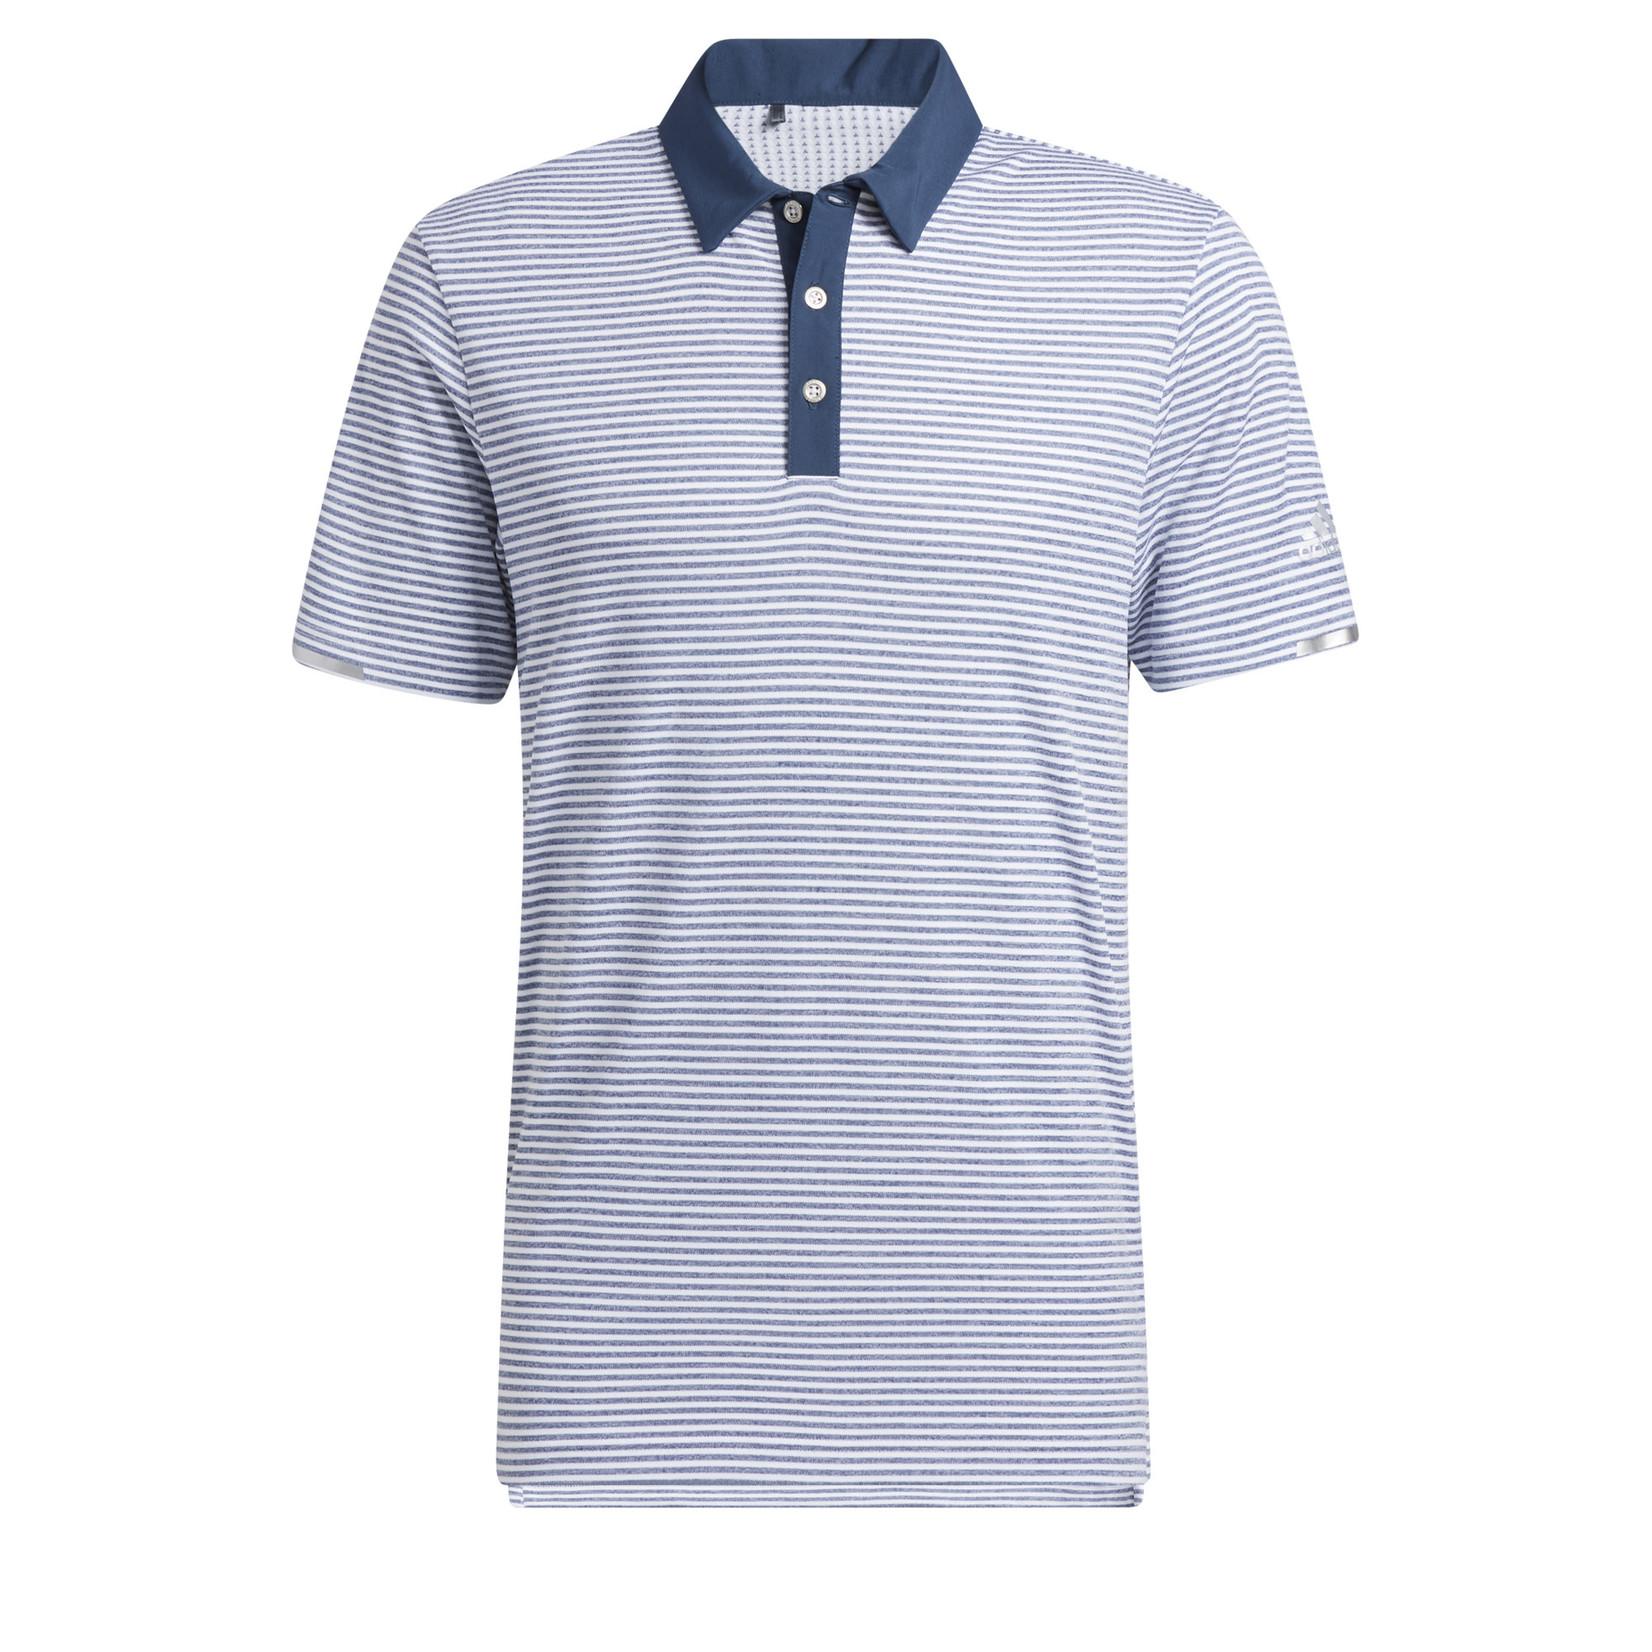 Adidas Adidas Polo H.Rdy Microstripe Navy/White